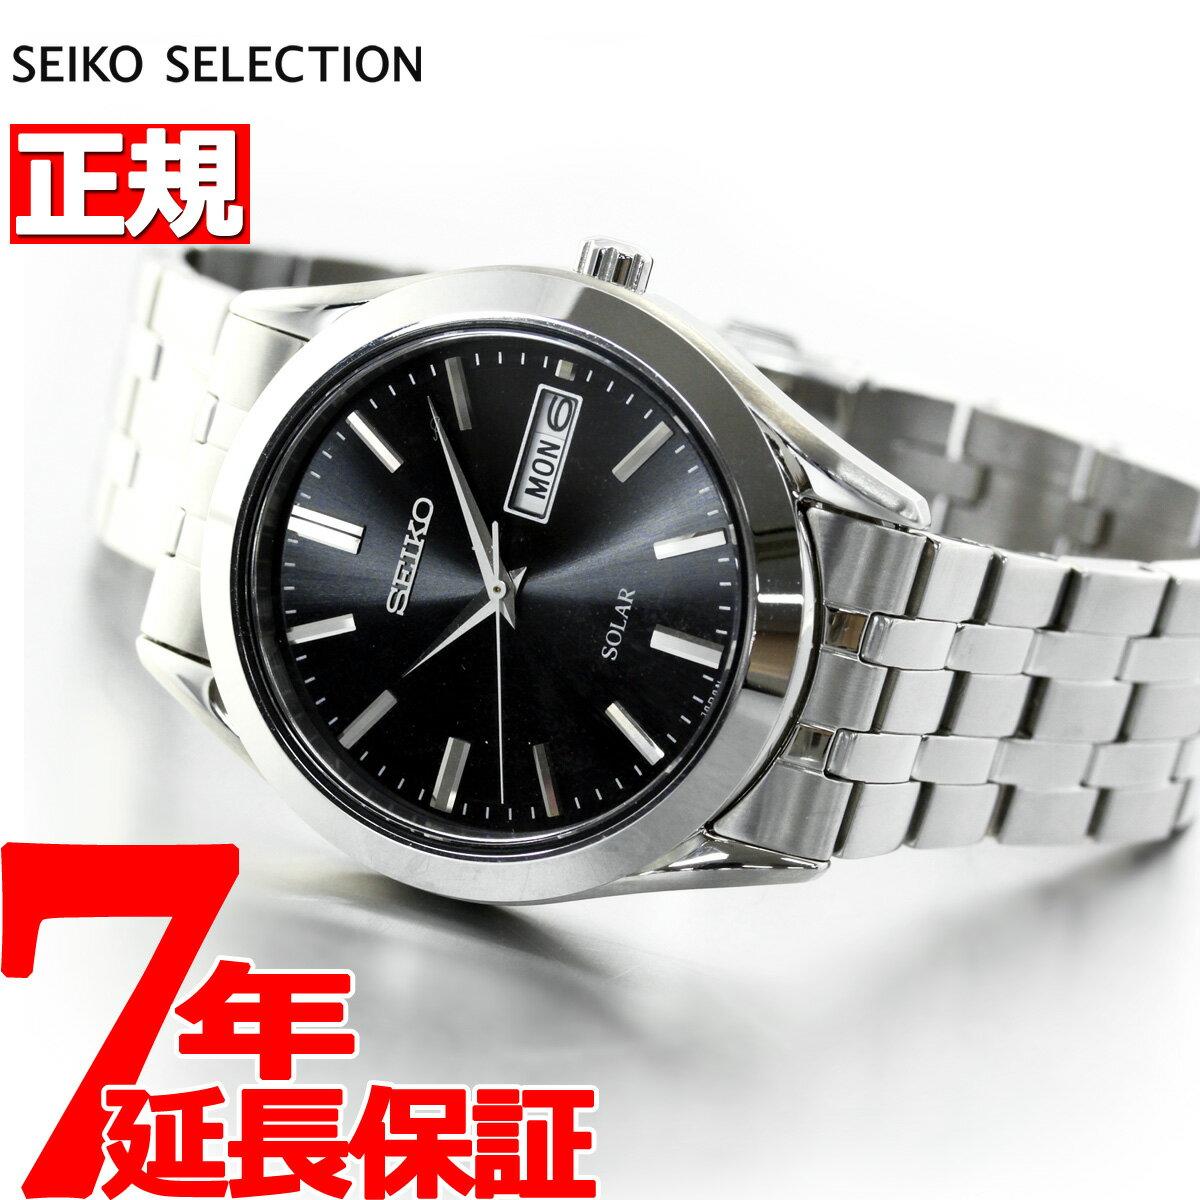 腕時計, ペアウォッチ 30037302359 SEIKO SPIRIT SBPX083